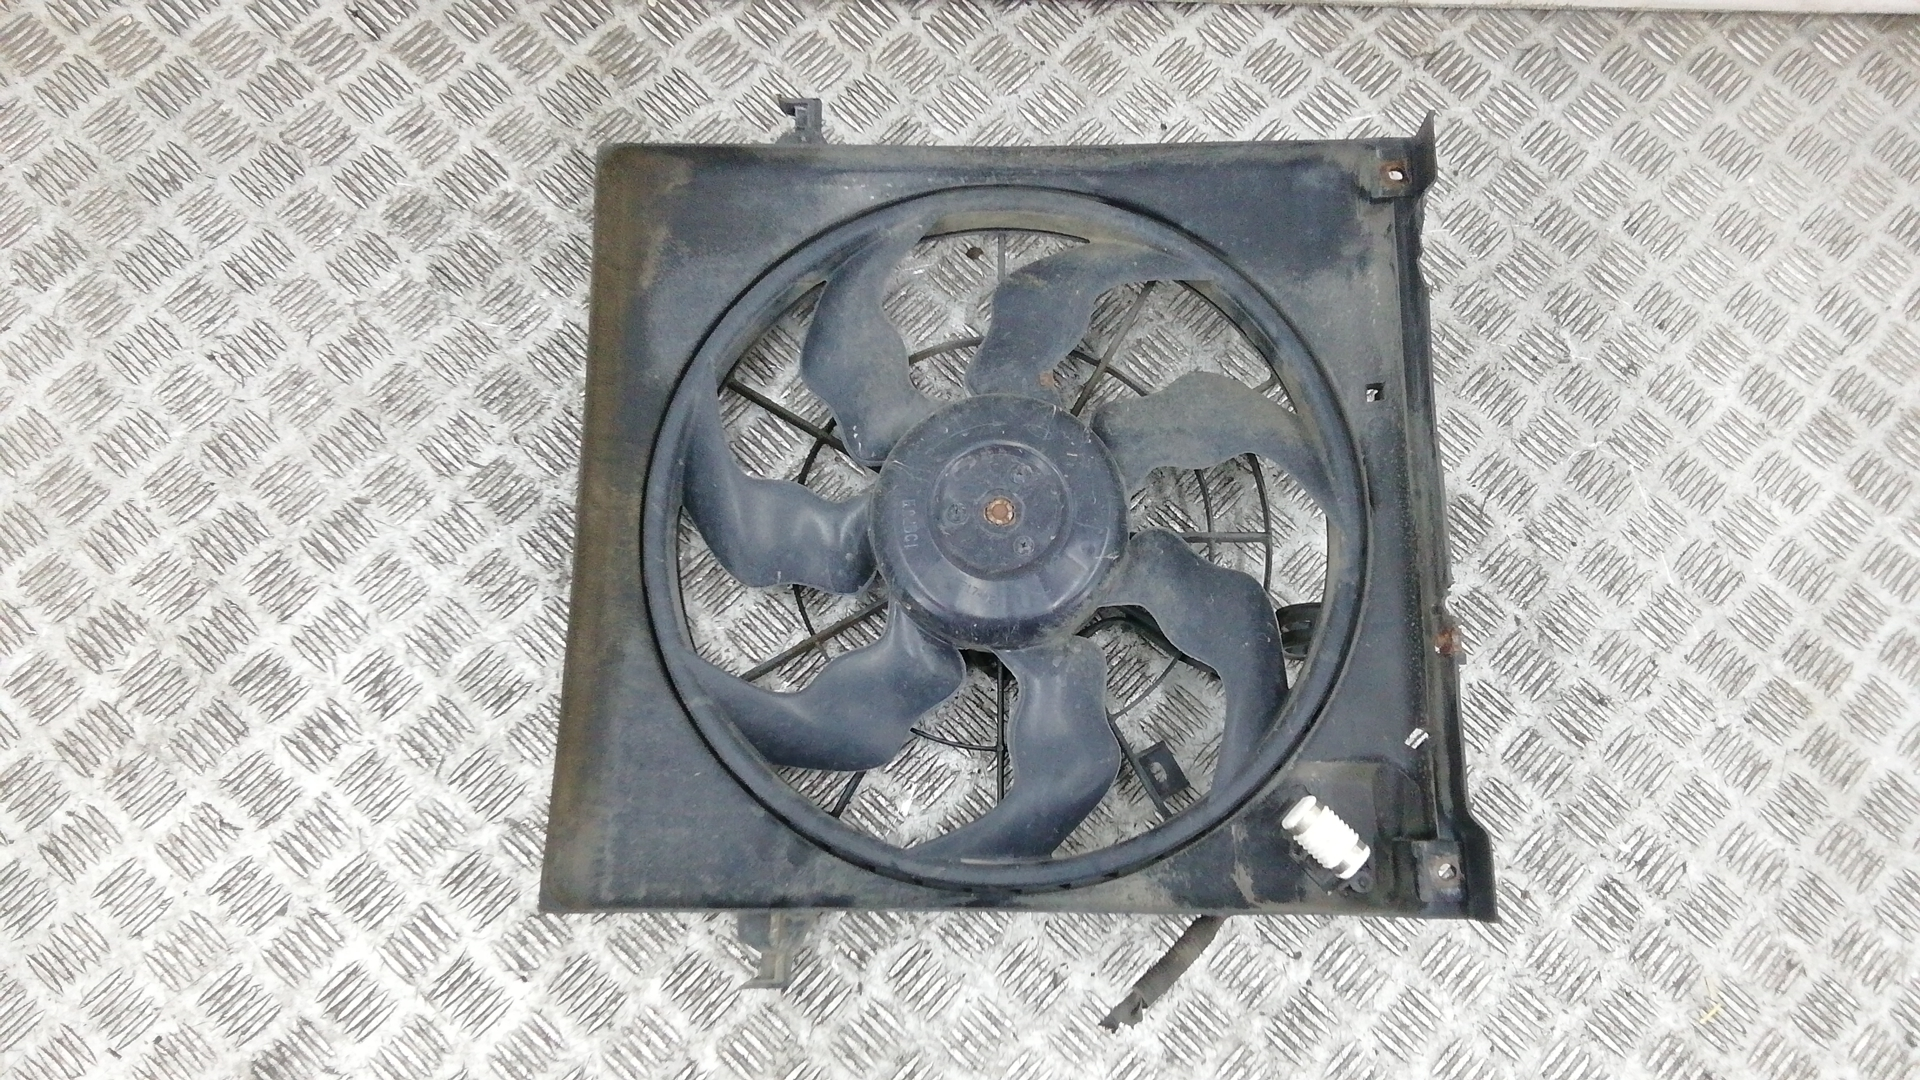 Вентилятор радиатора, KIA, CEE'D 1, 2009